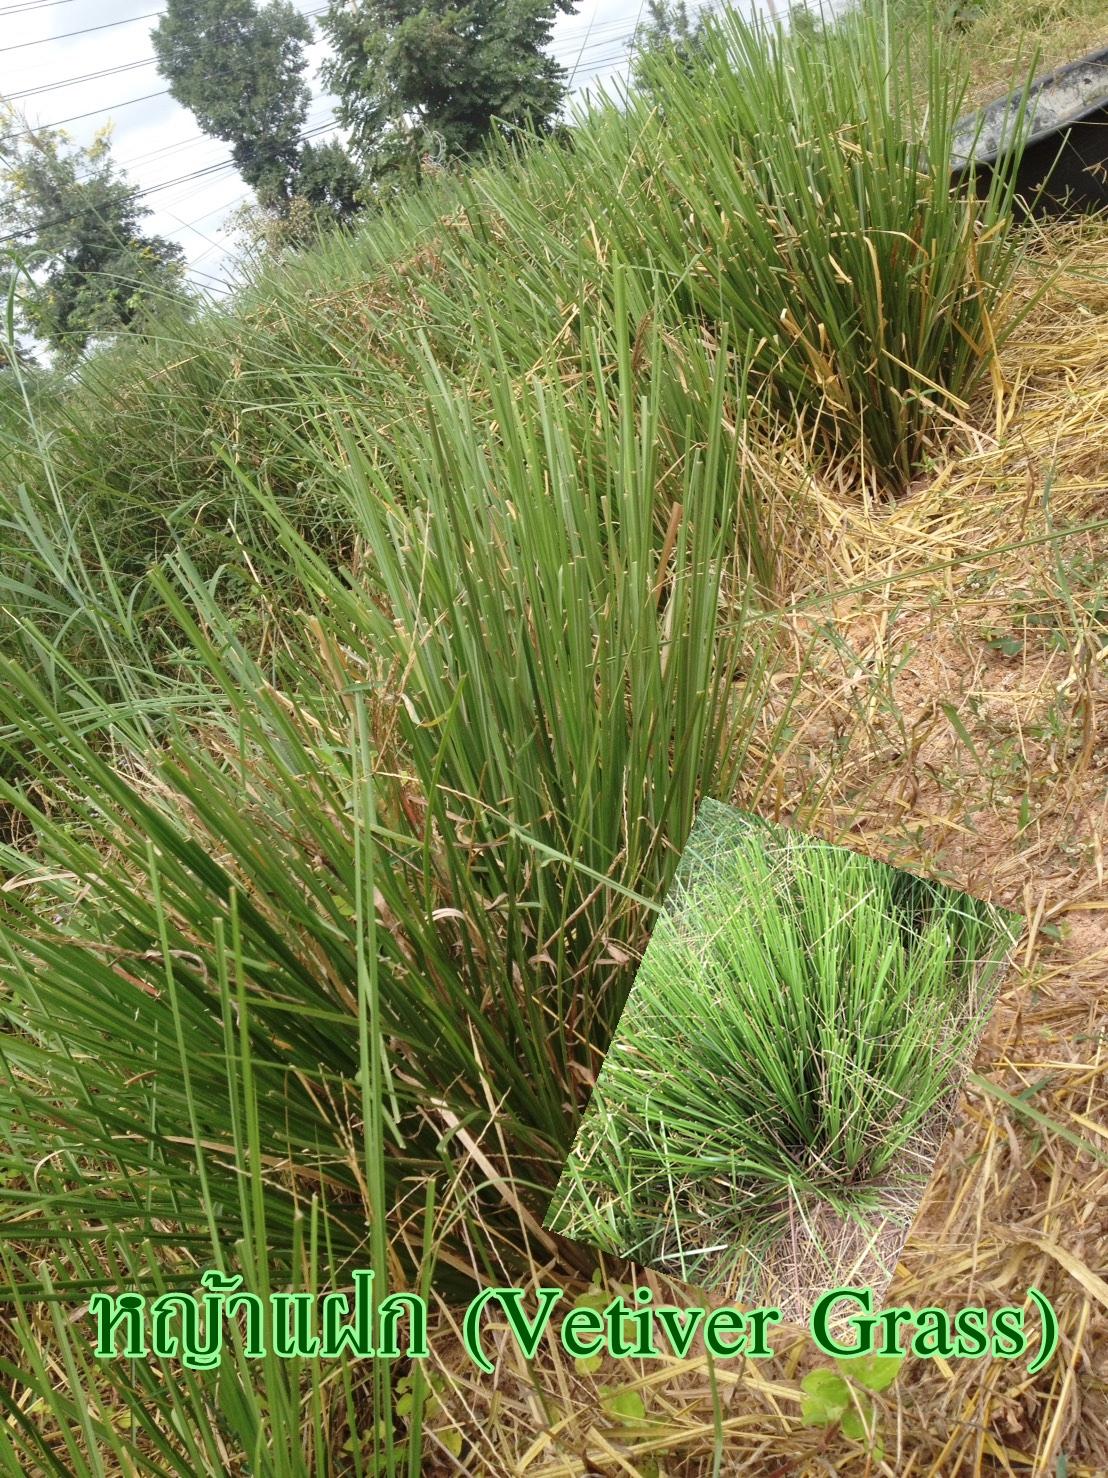 หญ้าแฝก (Vetiver Grass)